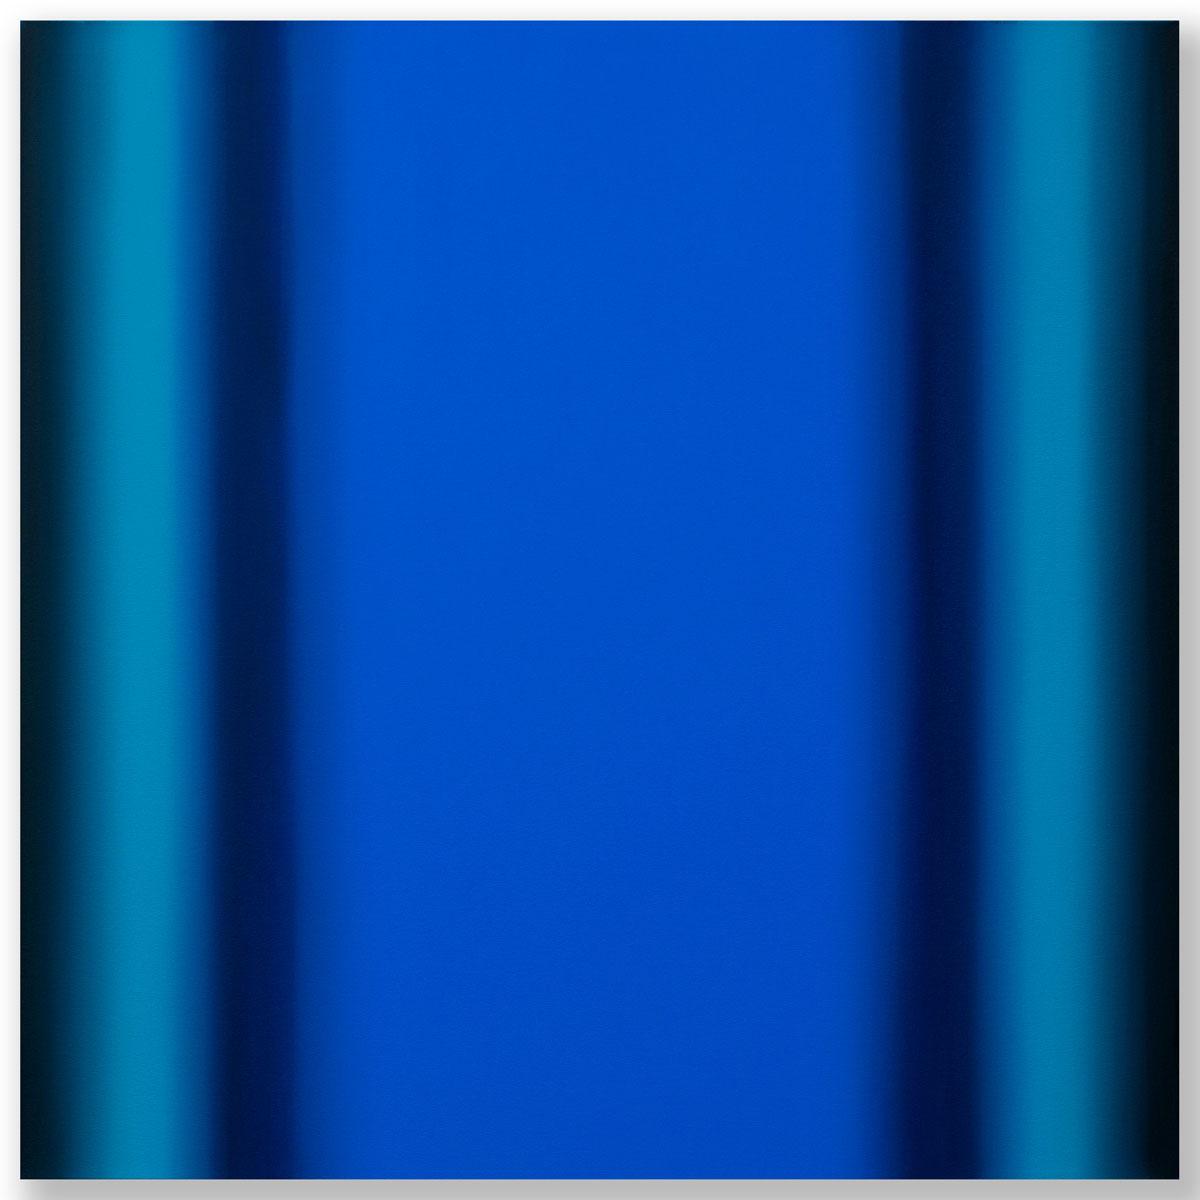 Matter of Light 12-S4848, (Blue Orange), Matter of Light Series, 2017, oil on canvas on custom beveled stretcher, 48 x 48 x 3 in. (122 x 122 x 7 cm.)